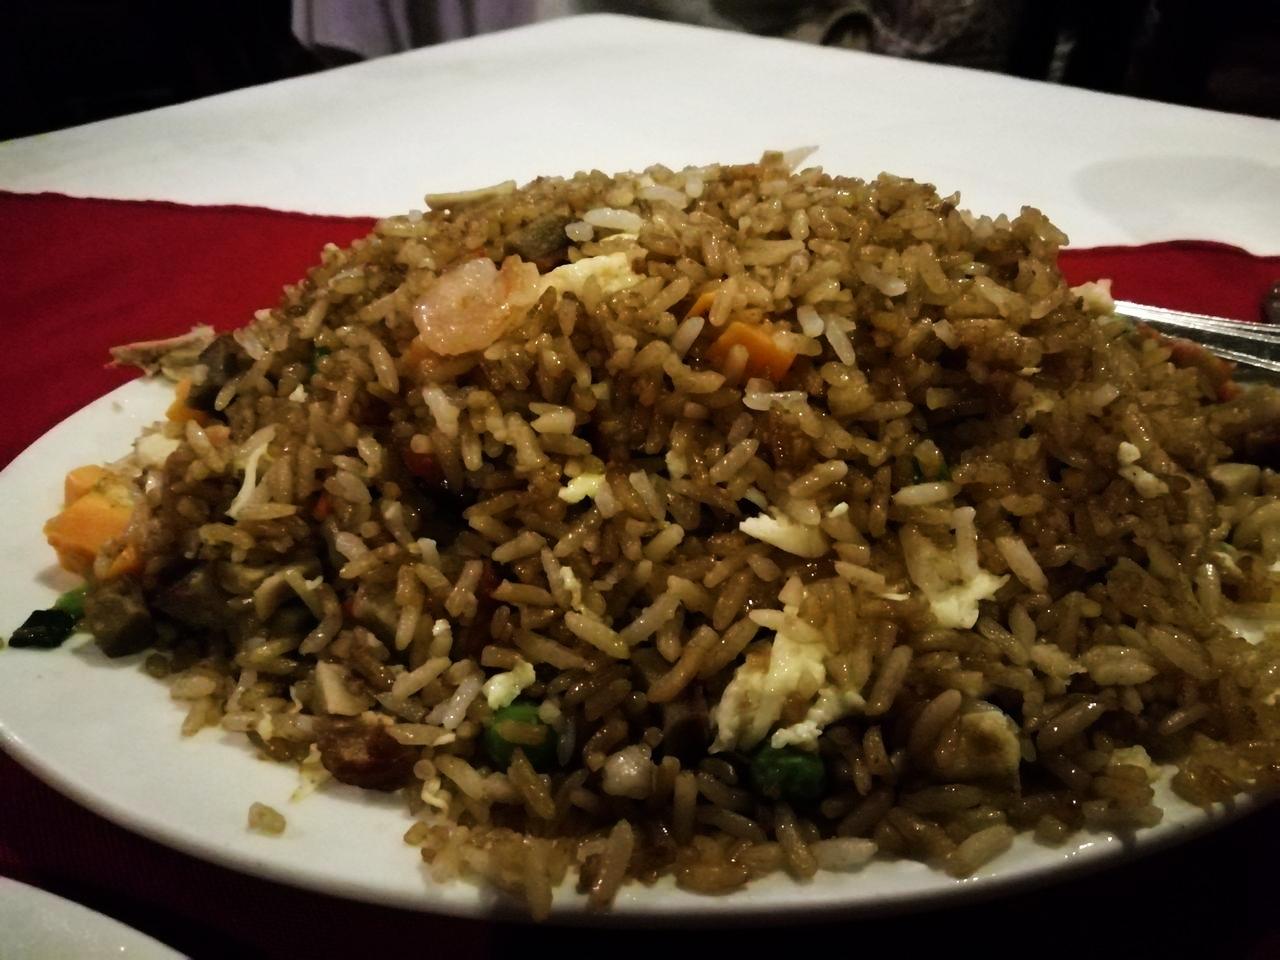 Arroz frito, una apuesta segura en Lung Fung, restaurante barato en Ciudad de Panamá.